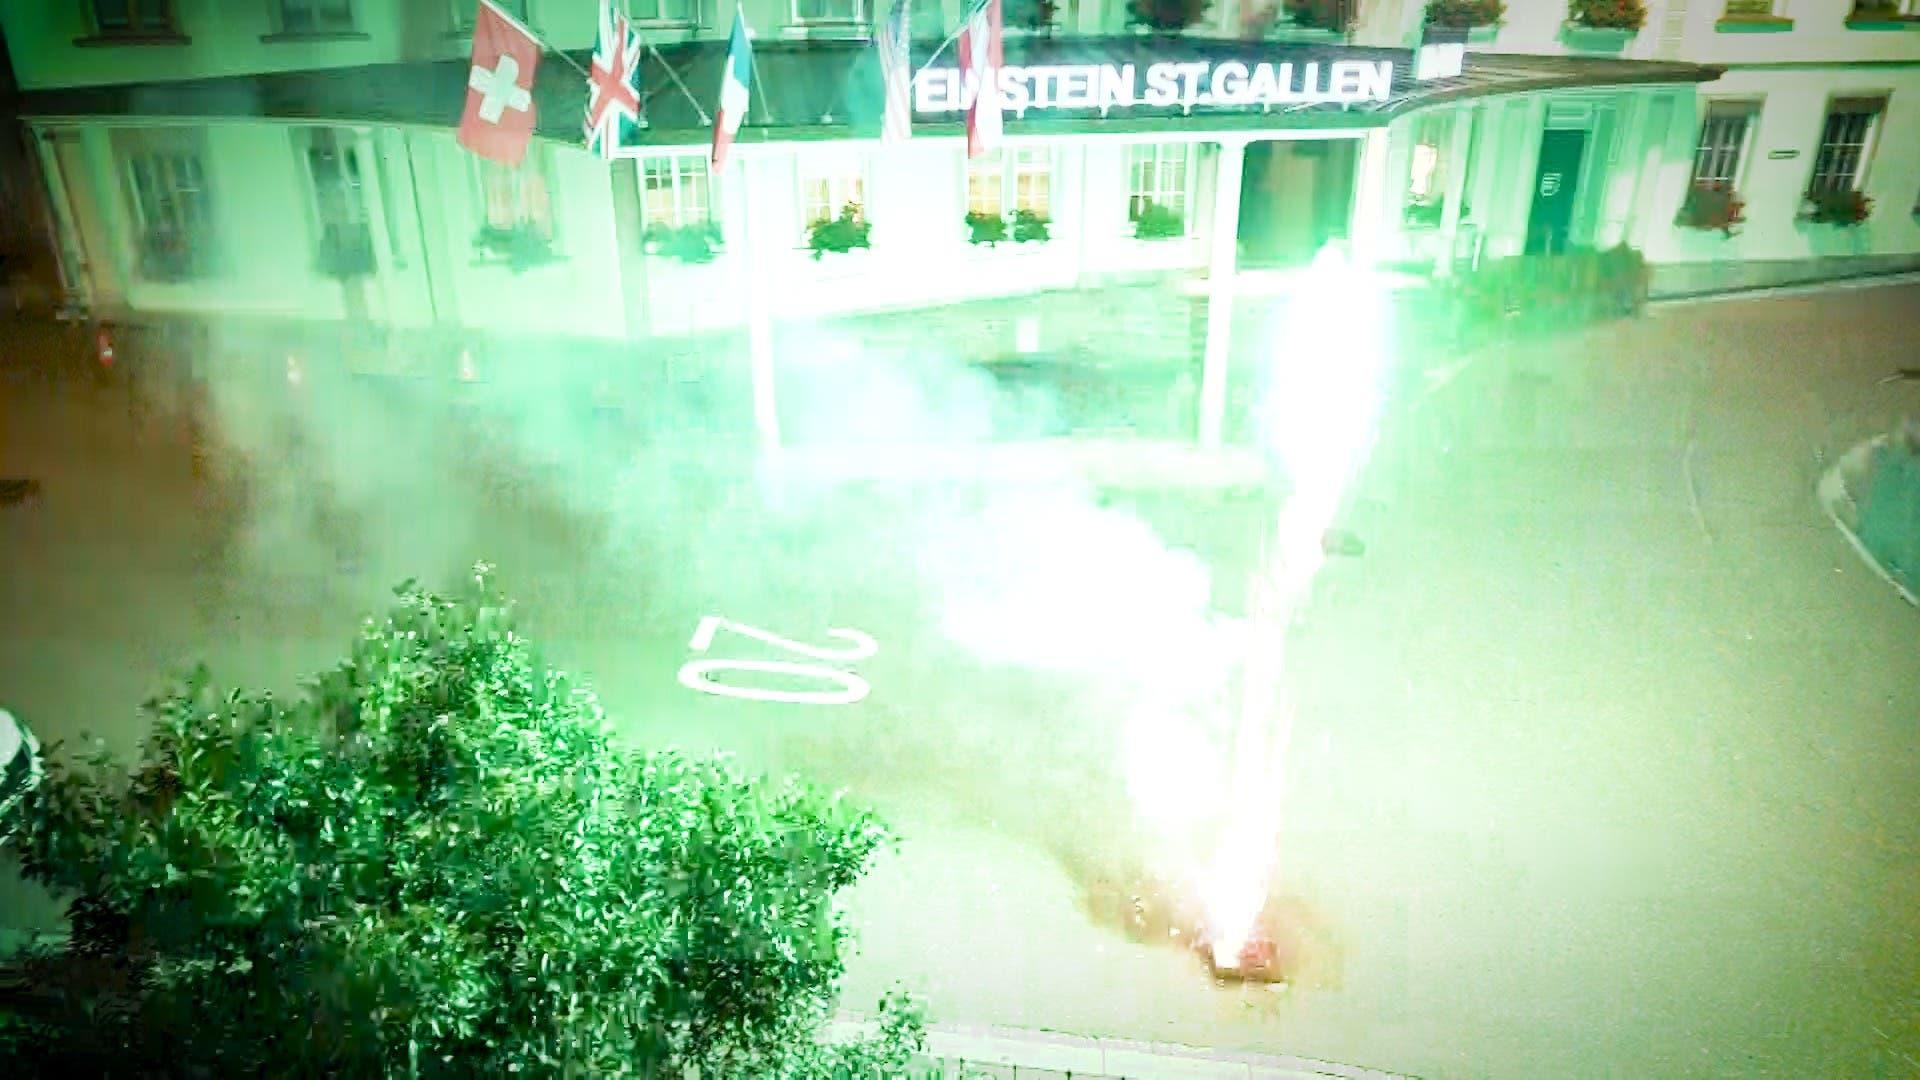 Nächtliches Feuerwerk vor dem Hotel Einstein in St.Gallen.